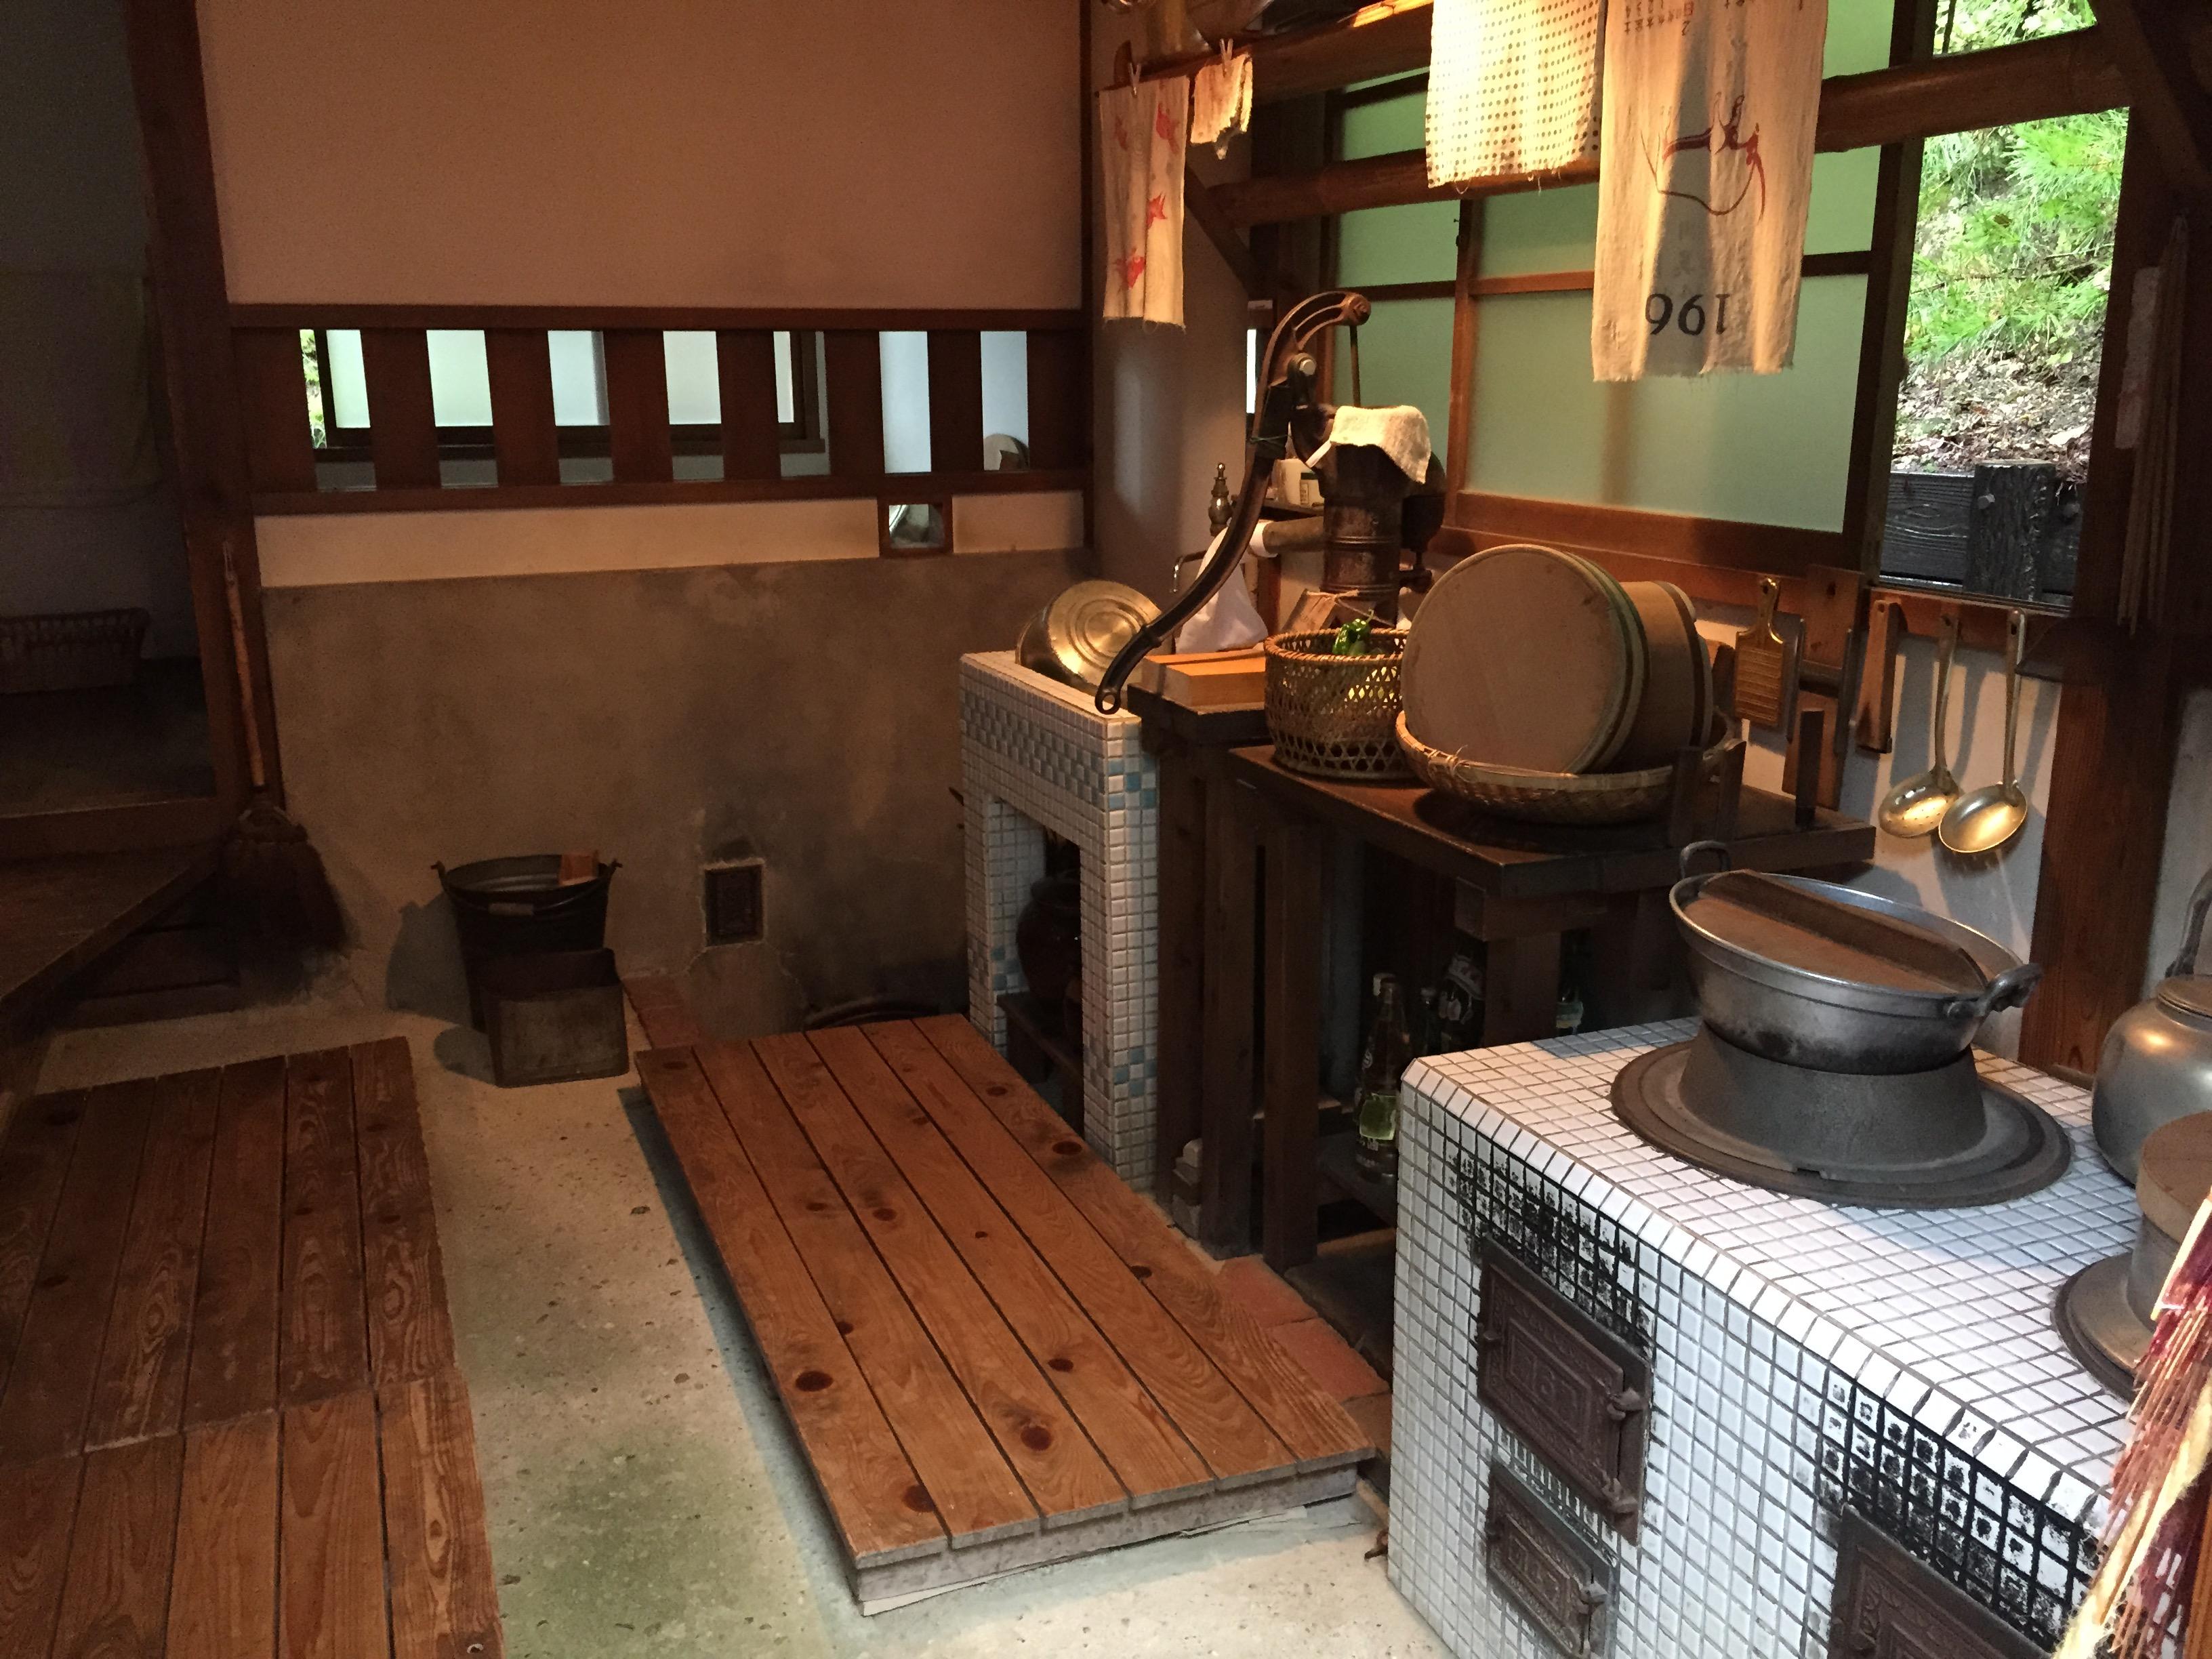 Lujo Mi Cocina Y Baño Tienda Ideas - Como Decorar la Cocina - yuhoo.info